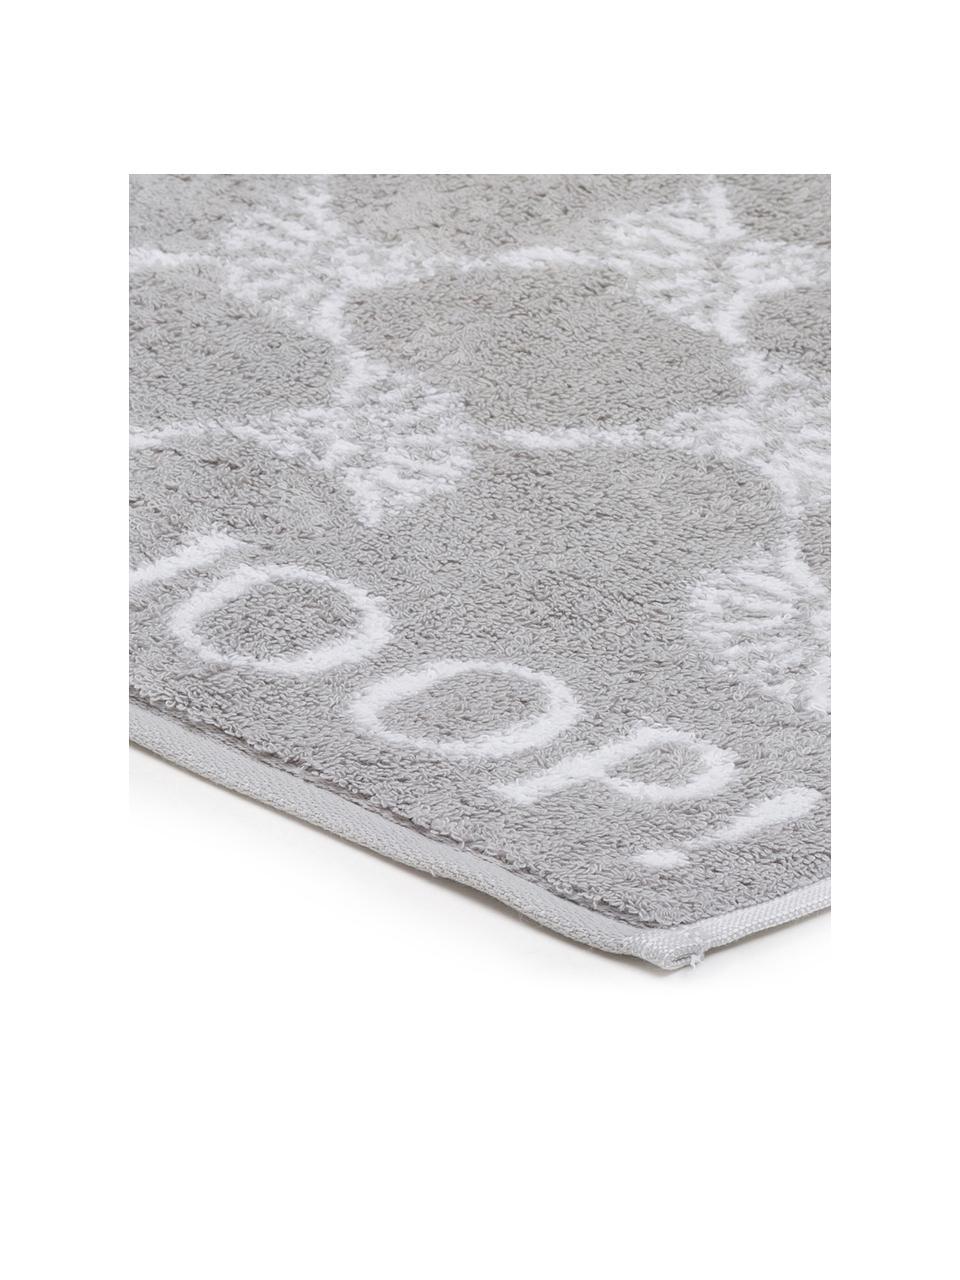 Ręcznik Classic Cornflower, różne rozmiary, Srebrnoszary, biały, Ręcznik do rąk